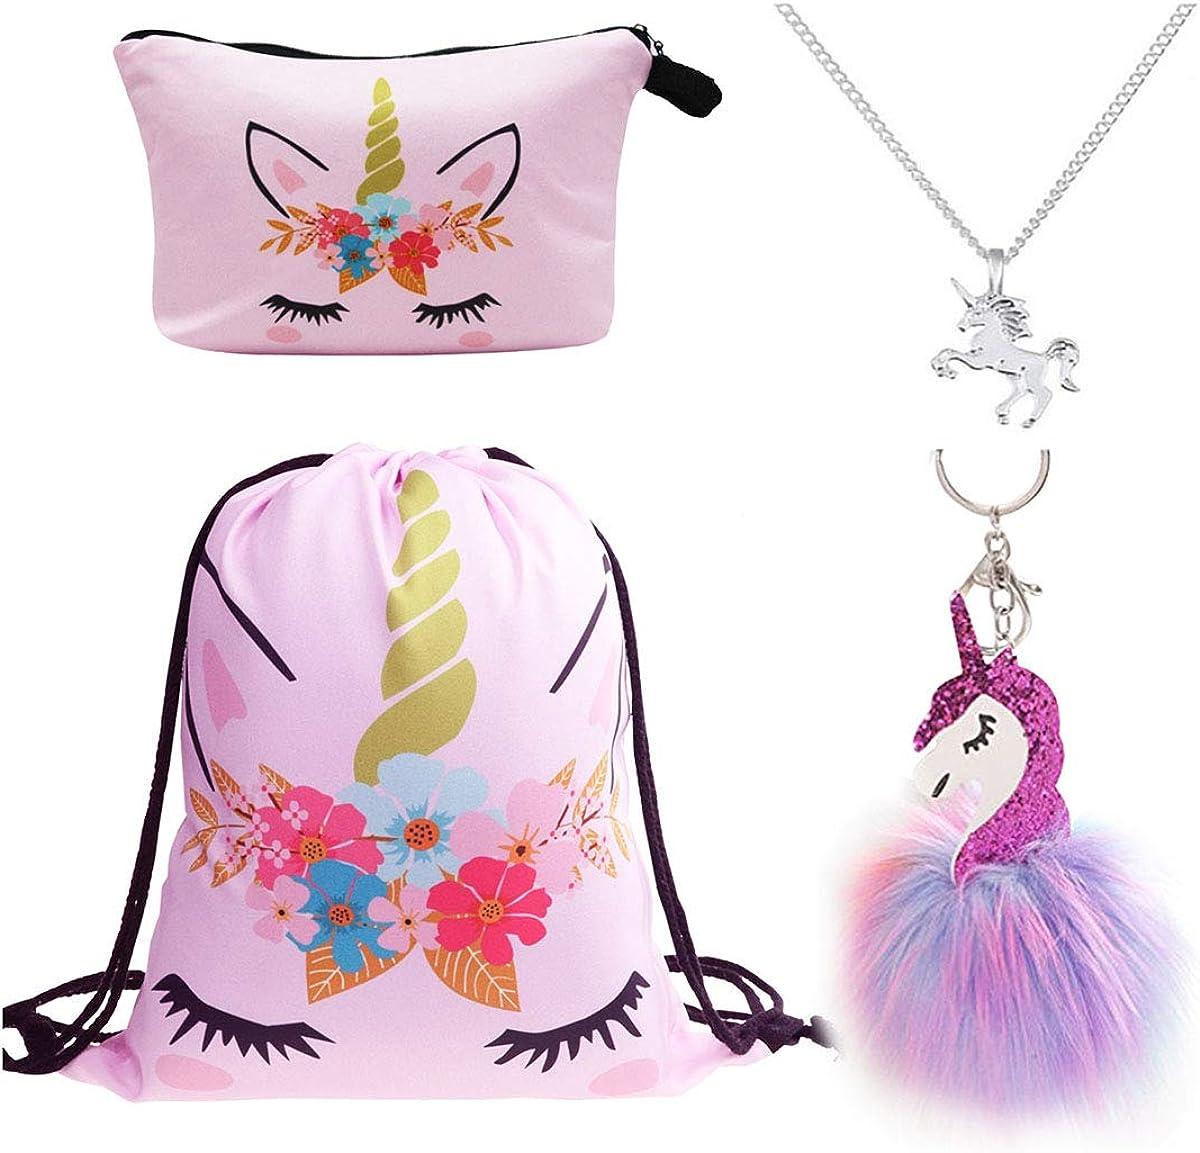 DRESHOW Pack de 4 Unicornios Mochila con cord/ón//Maquillaje Bolsa//Collar de cadena de aleaci/ón//Fluffy Llavero colgante Llavero para ni/ñas